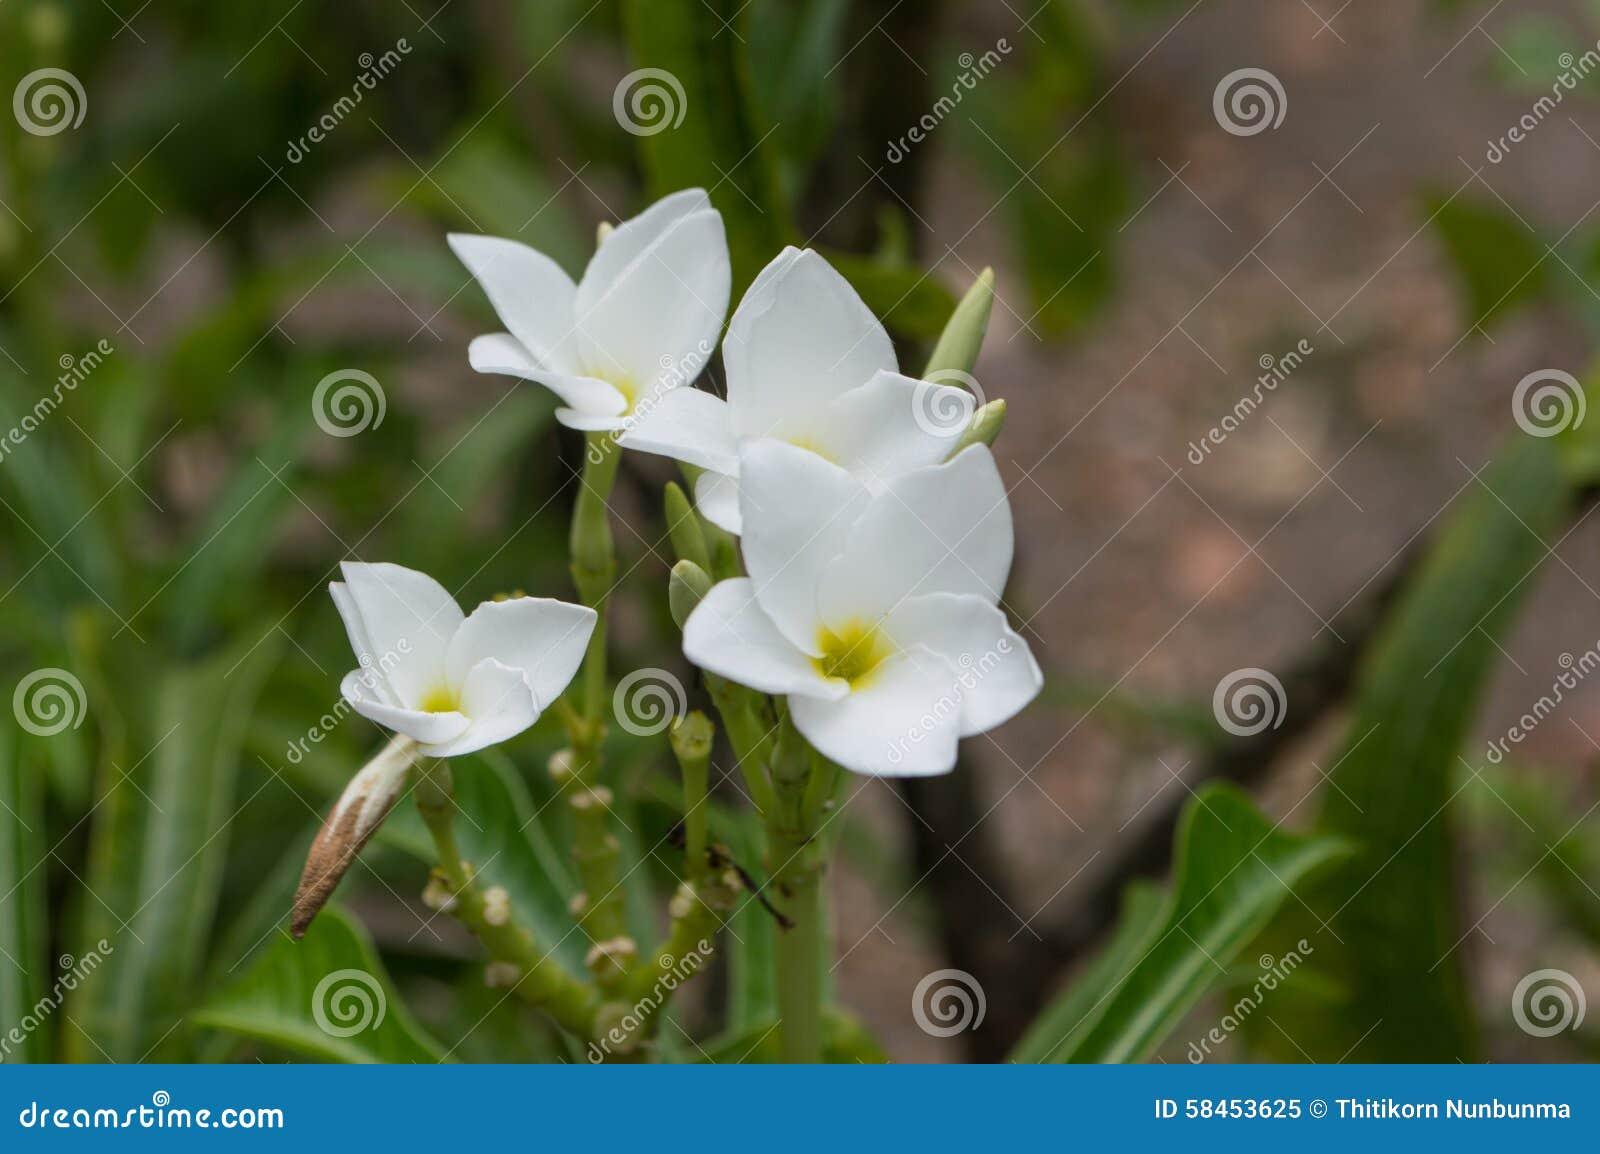 Azalea White Flowers Stock Image Image Of Asian Flowers 58453625